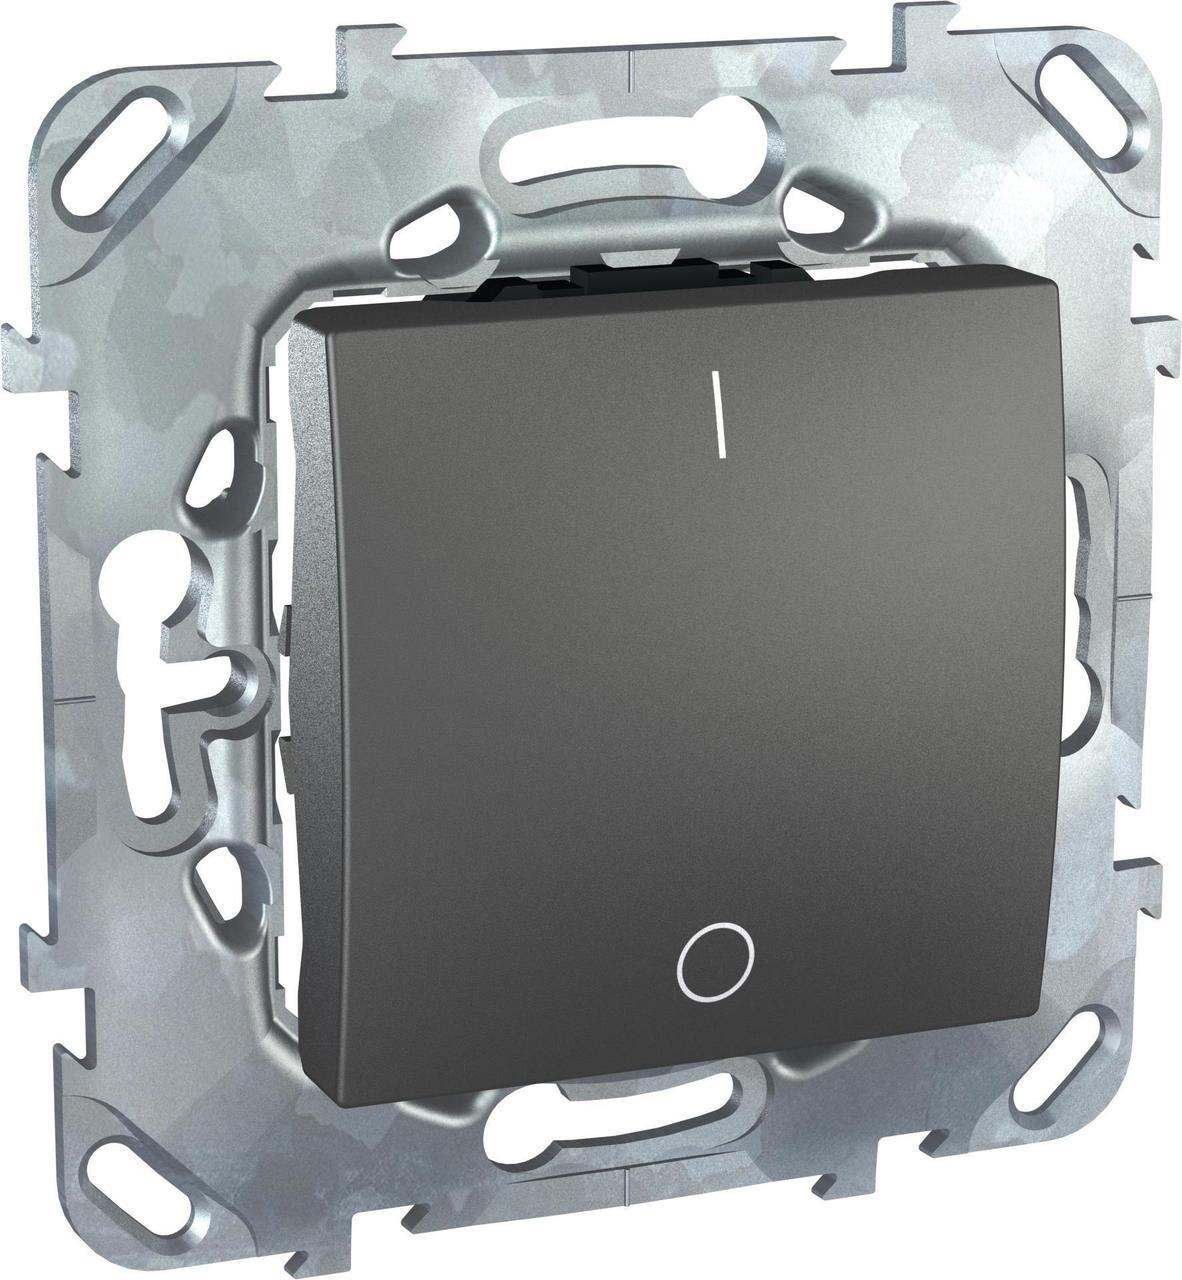 Выключатель 2-полюсный 1-клавишный 16А , Графит, серия UNICA TOP/CLASS, Schneider Electric